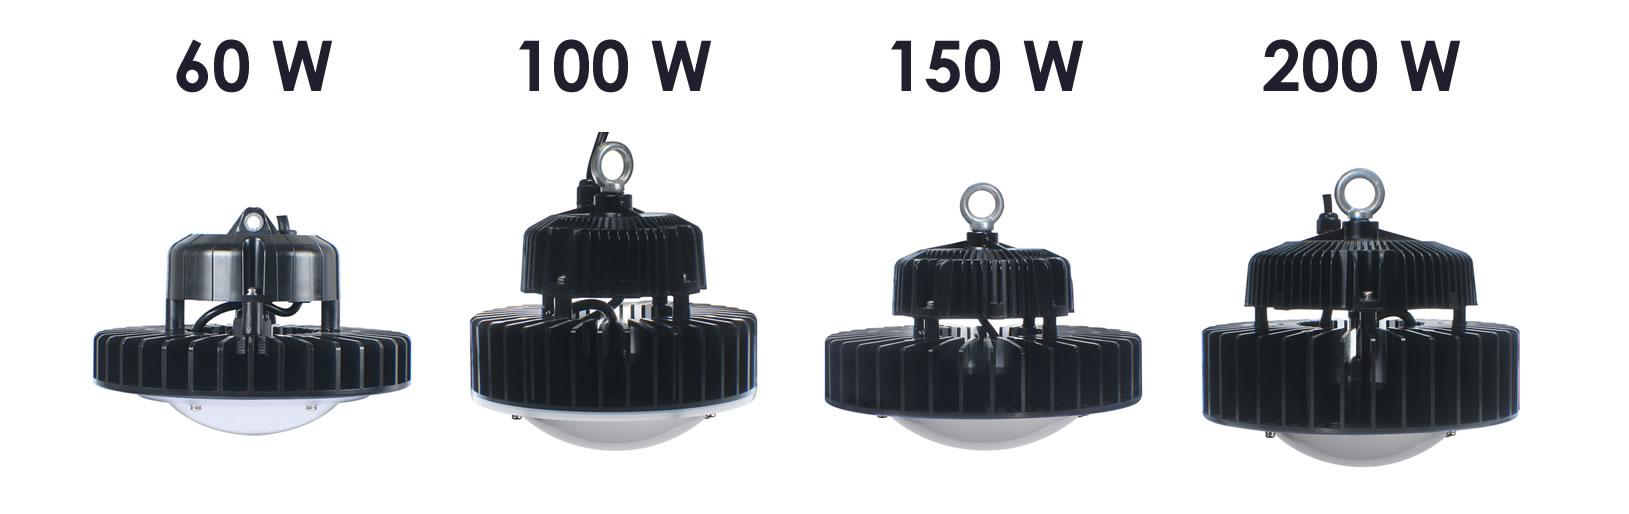 eclairage led industriel high bay ms3g. Black Bedroom Furniture Sets. Home Design Ideas